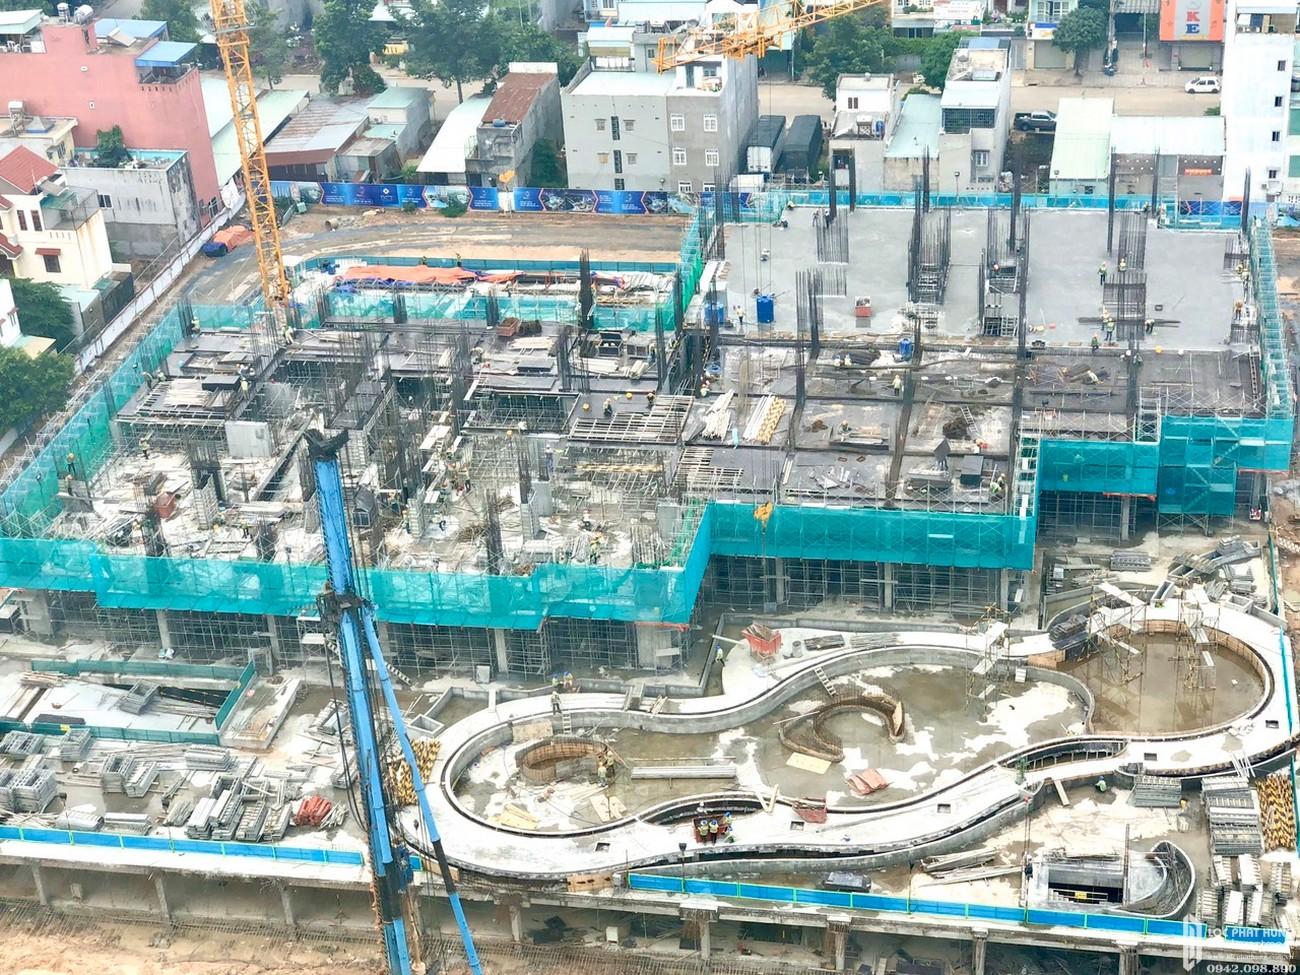 Tiến độ dự án căn hộ chung cư Charm City Bình Dương Đường DT743 chủ đầu tư DCT GROUP 12/04/2020